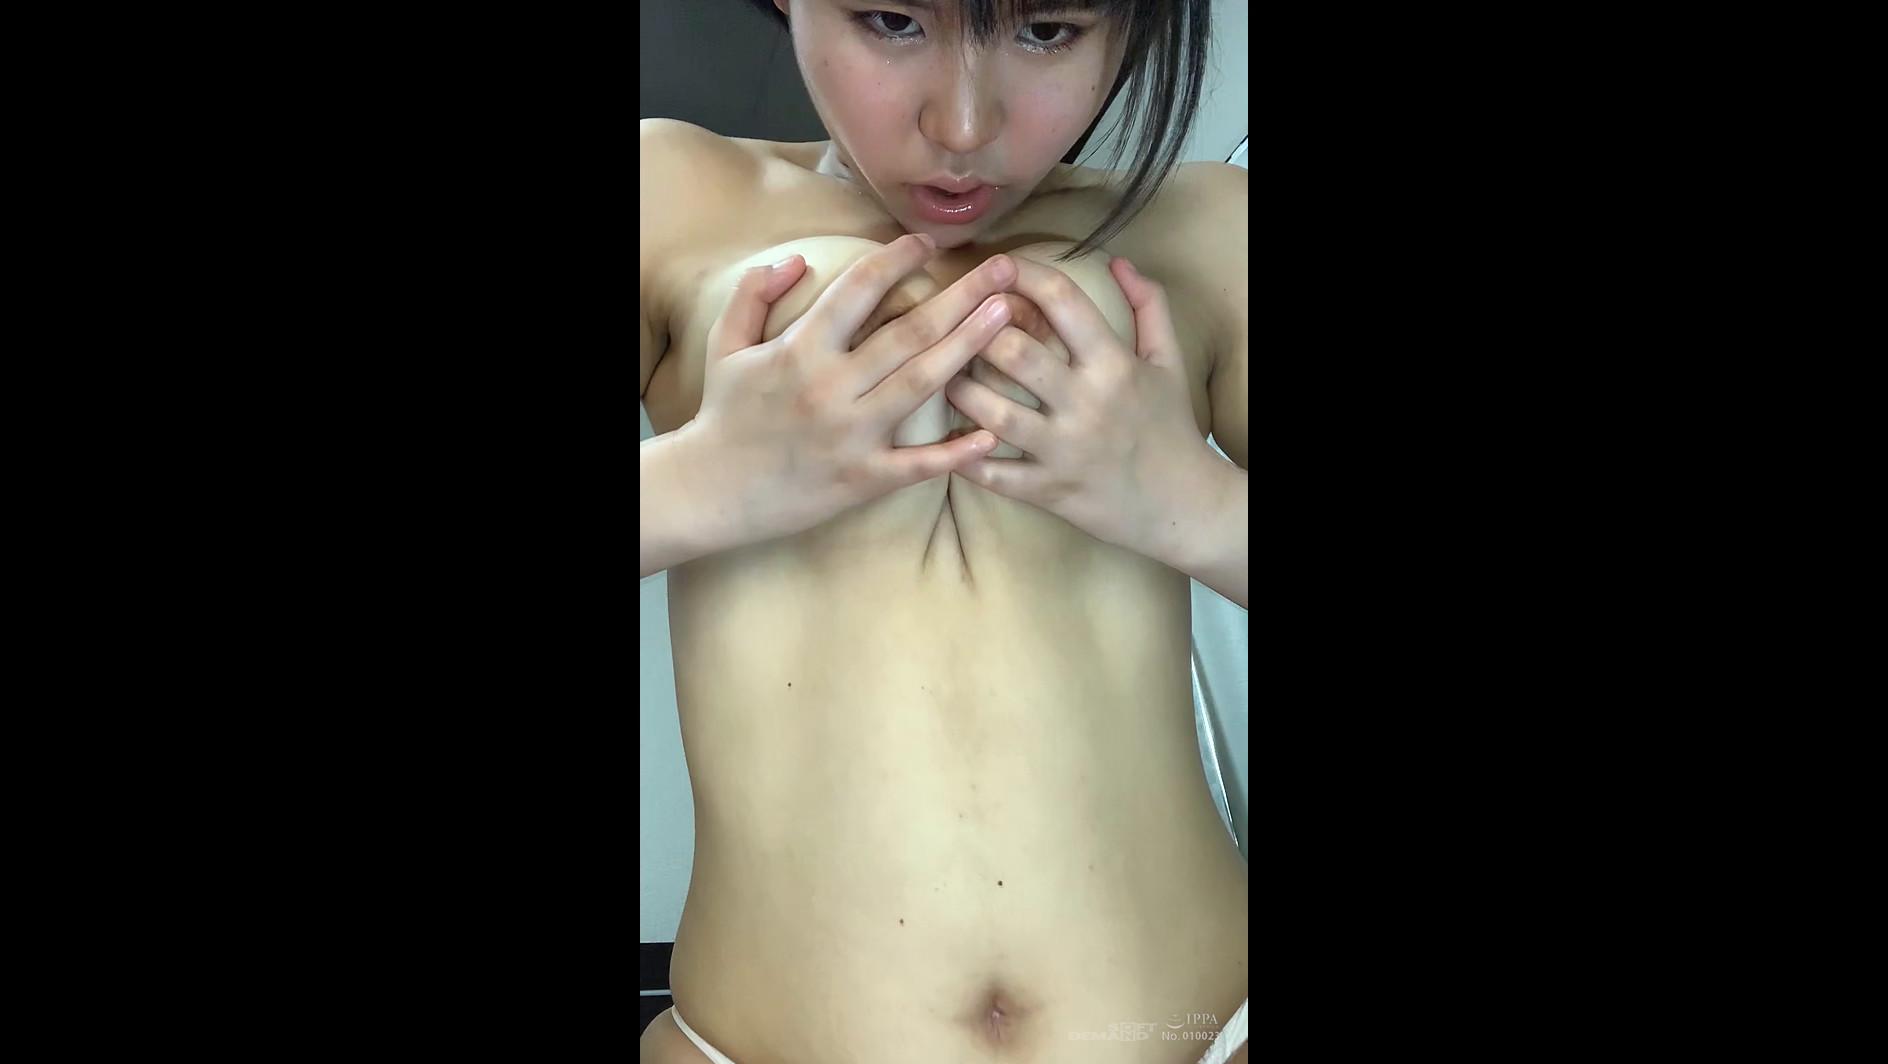 ビデオ通話エッチ JOI ゆり 【縦動画】 画像7